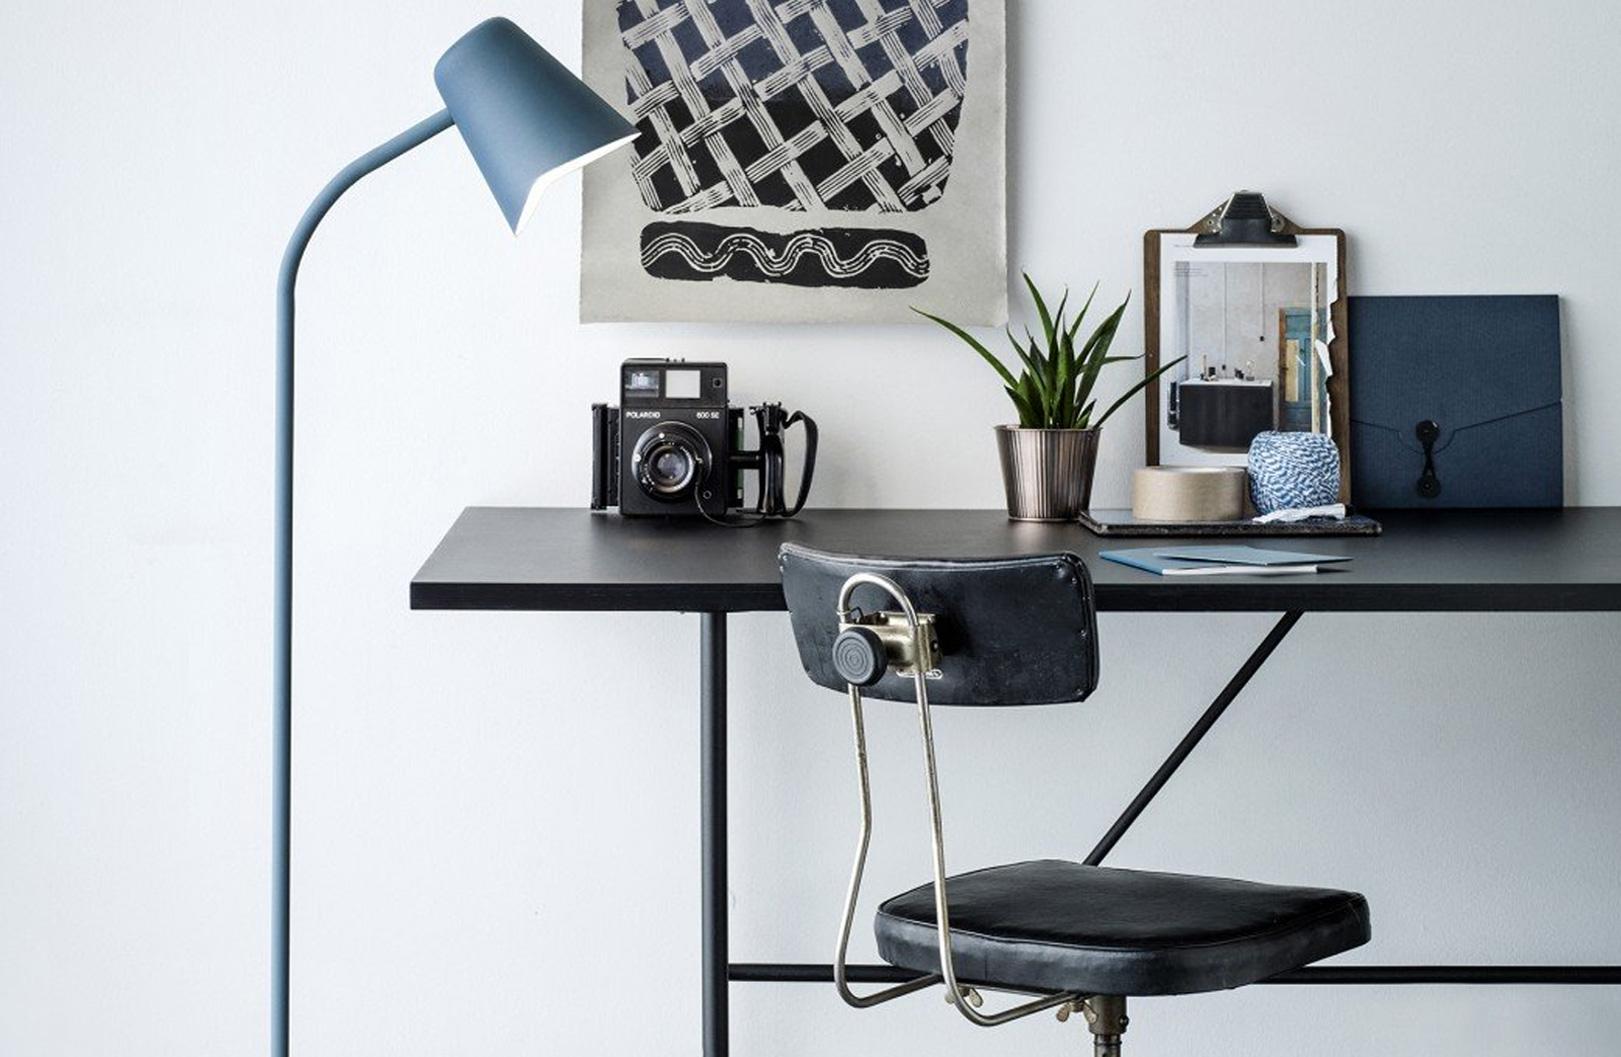 Vendita e acquisto di mobili usati in ticino mobili online for Vendita mobili design on line